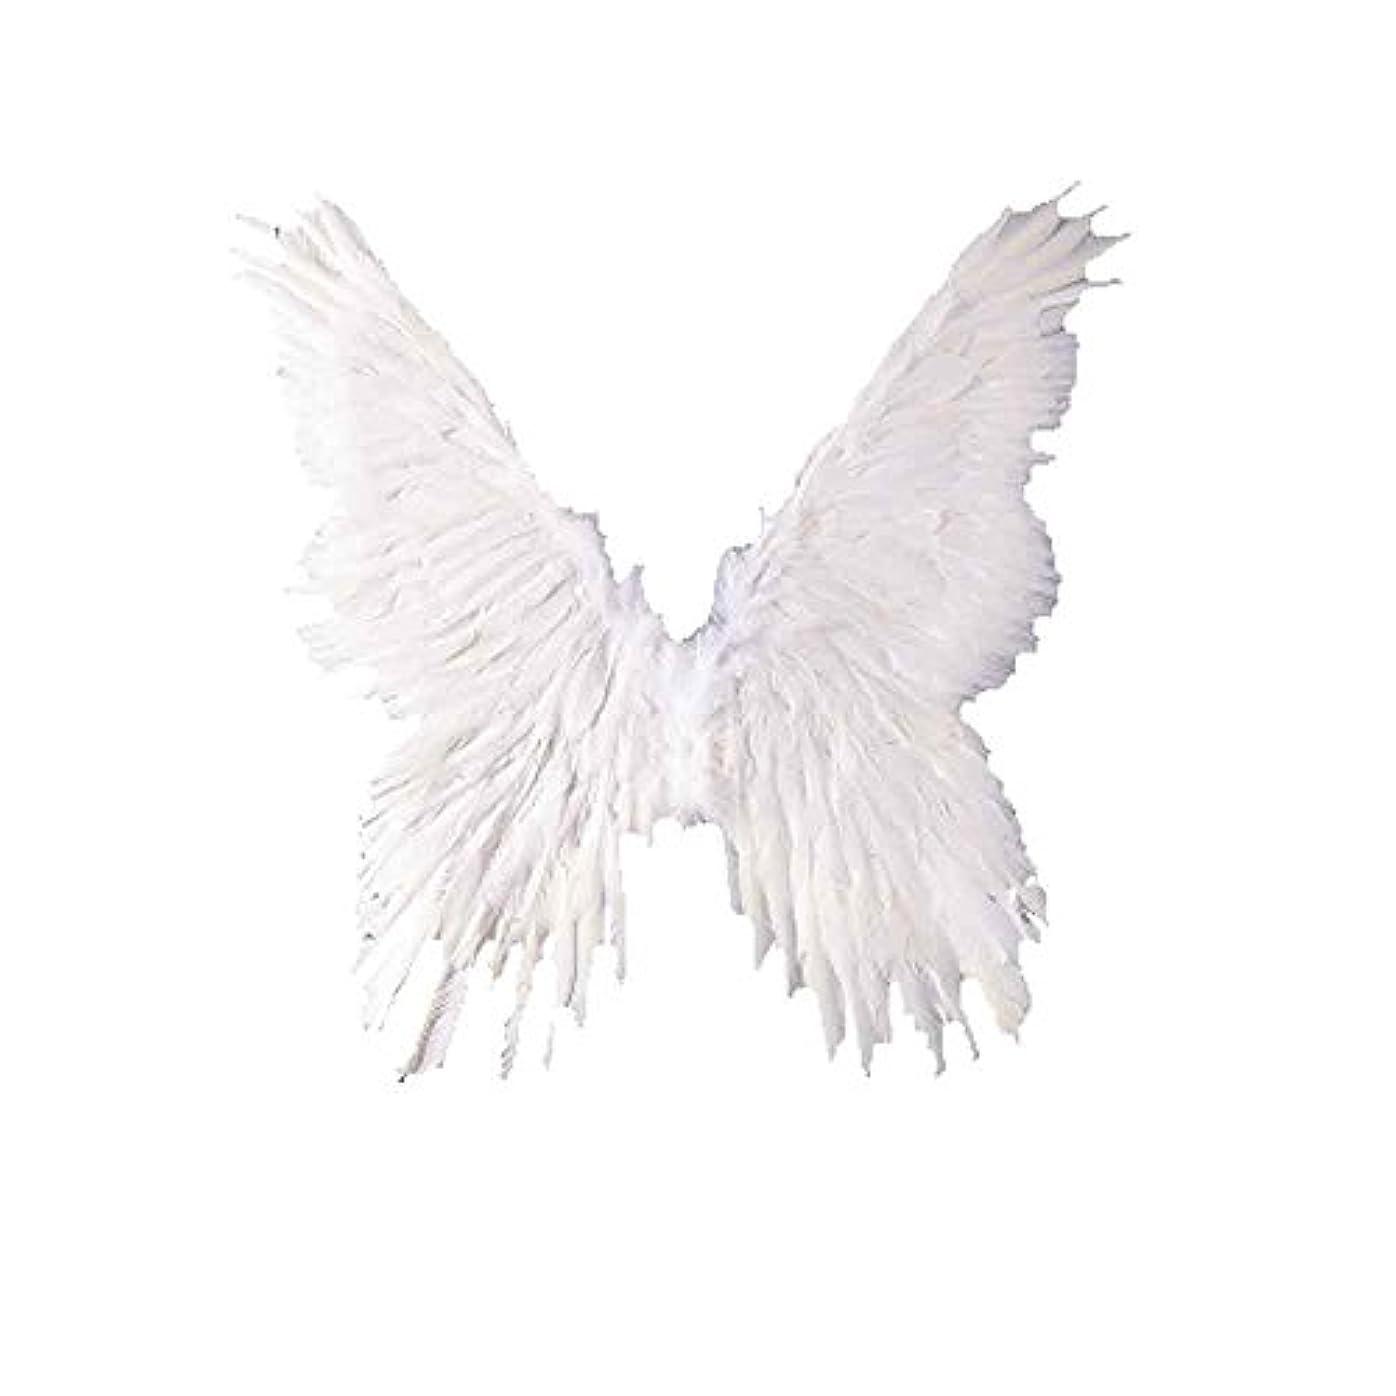 省略するラフ疲労翼道具 天使の羽 コスプレ 道具 パーティー 舞台用 天然羽製 Angell 仮装 コスチューム用小物 翼 羽 男女兼用 変身変装 (ホワイト80*90)